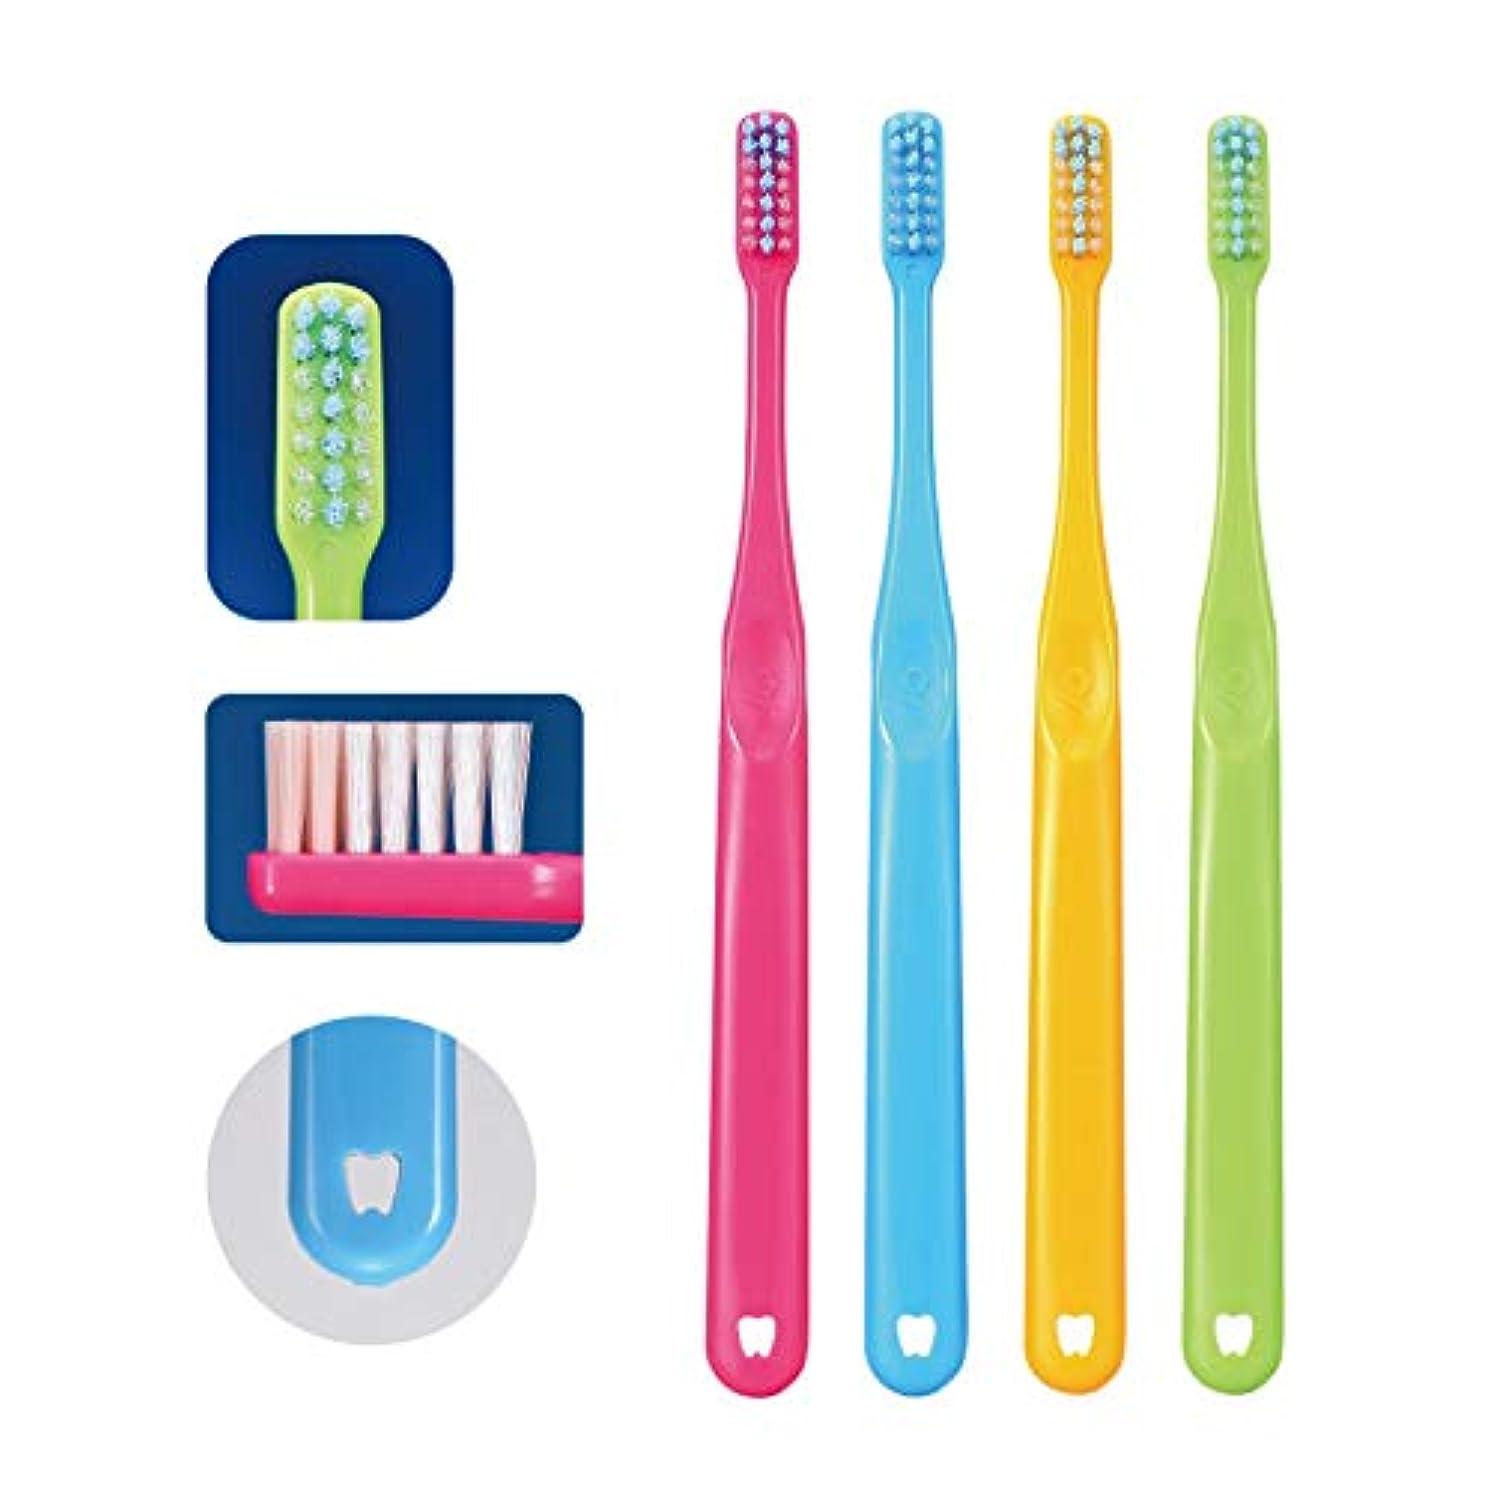 本会議雲先祖Ci PRO PLUS プロプラス 歯ブラシ 20本 S(やわらかめ) 日本製 プラーク除去 歯科専売品